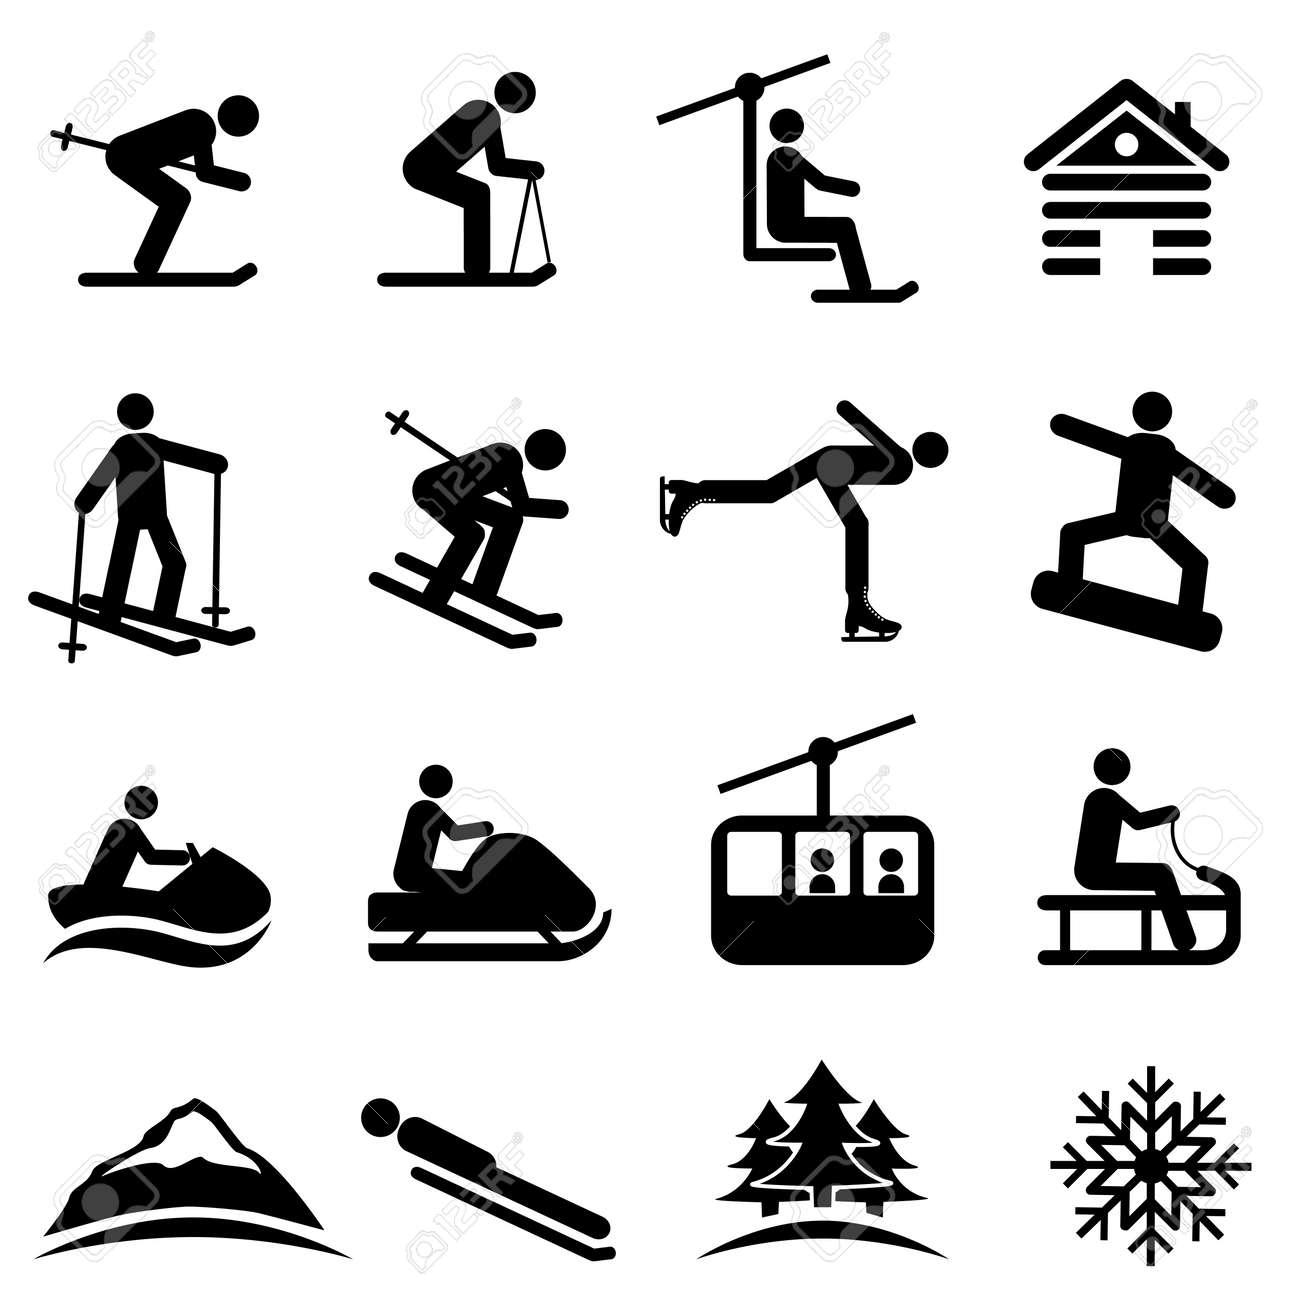 Ski, snow and winter icon set - 46328735